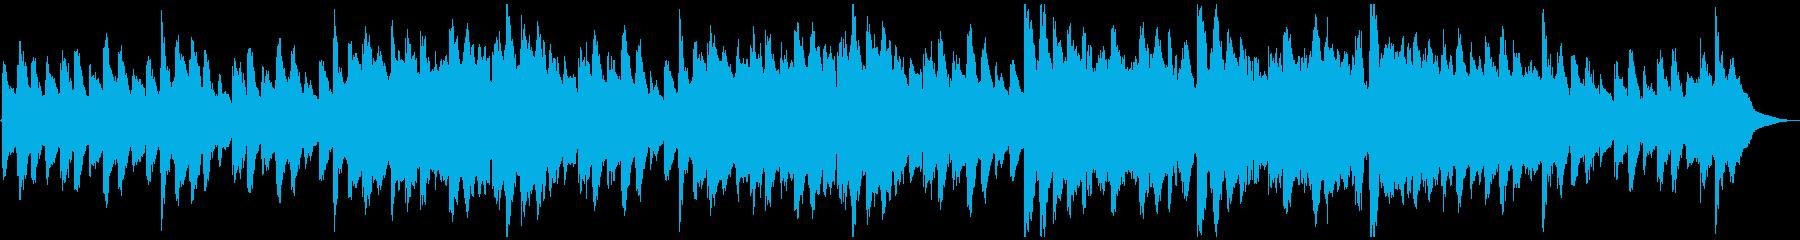 【民族系】笛の平和なループ用BGMの再生済みの波形